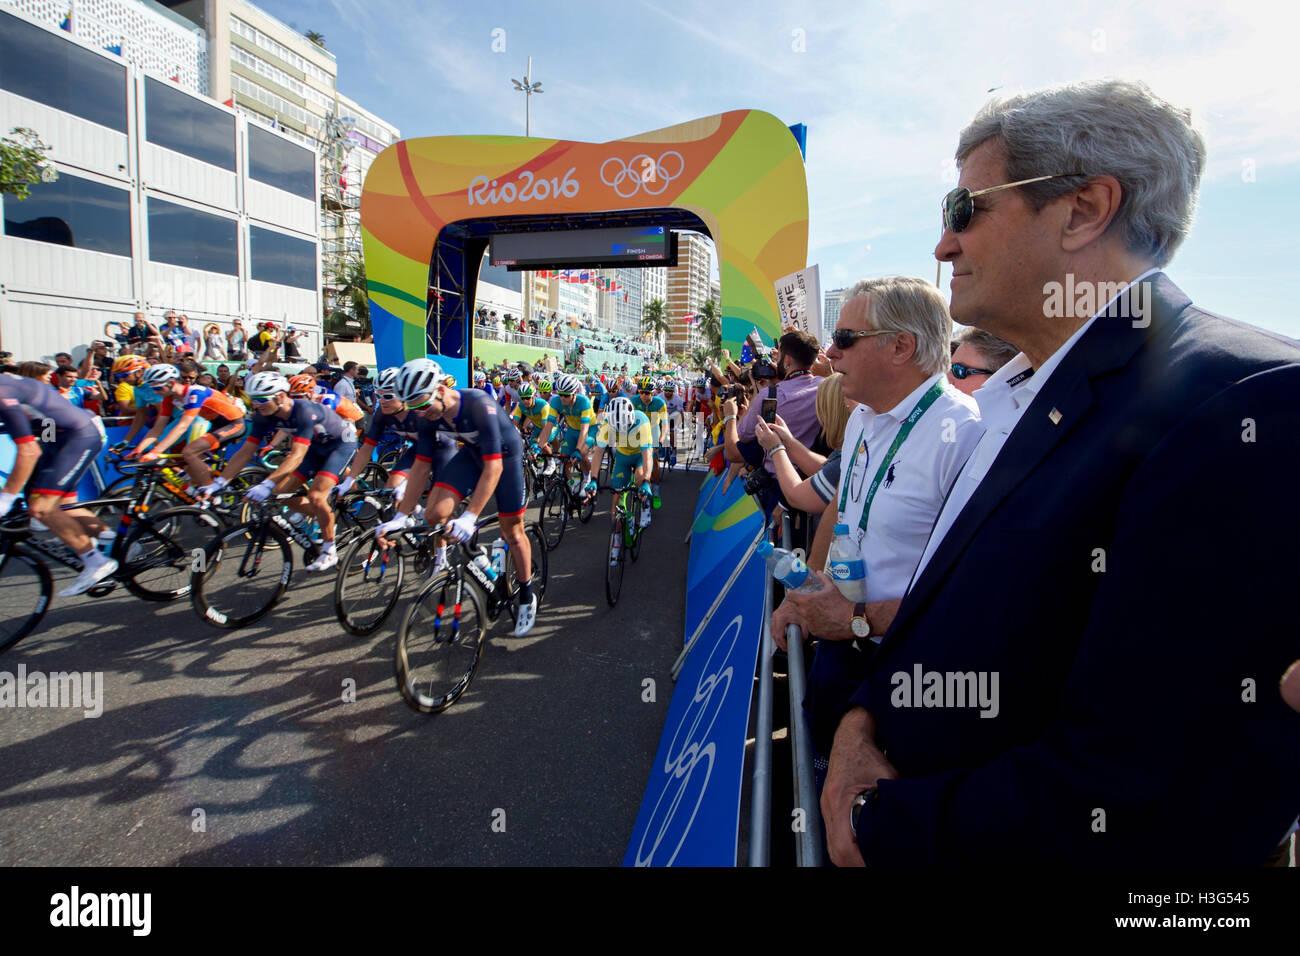 El Secretario de Estado de Estados Unidos, John Kerry relojes el inicio de los Juegos Olímpicos del hombre a lo largo de la carrera de ciclismo Copacobana playa en Río de Janeiro, Brasil, como él y sus colegas de la delegación presidencial de EE.UU. asistir a los Juegos Olímpicos de Verano el 6 de agosto de 2016. Foto de stock